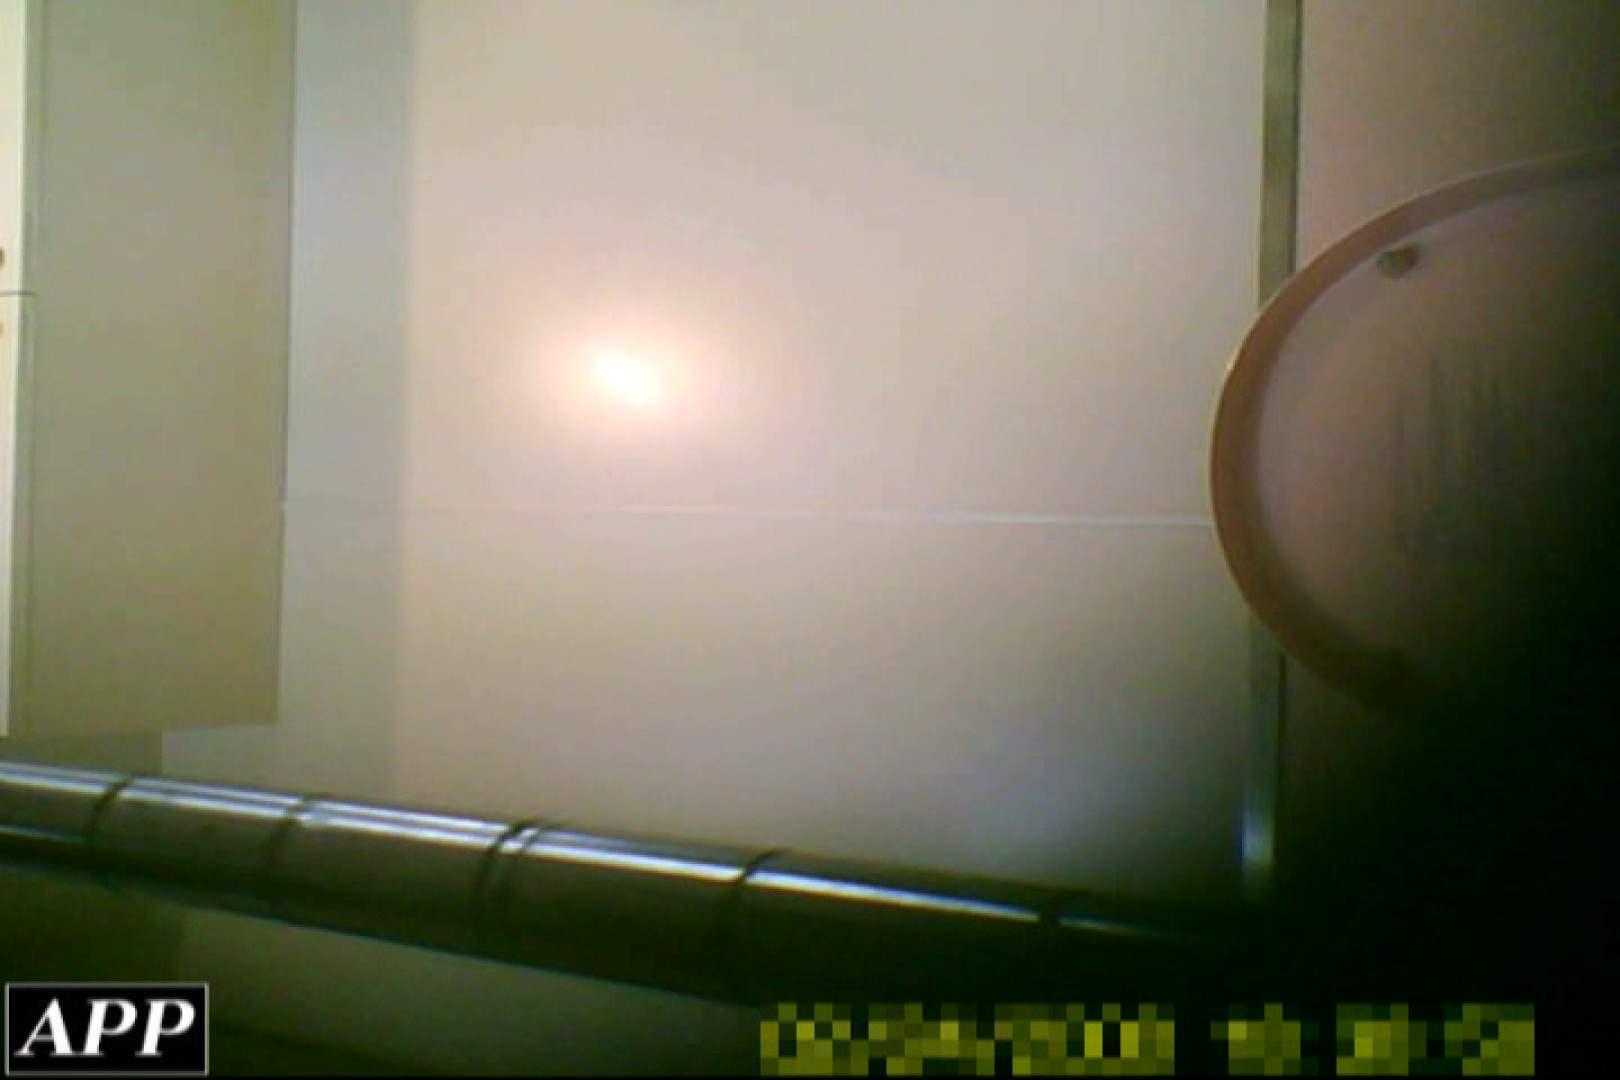 3視点洗面所 vol.006 OLの実態  44pic 32